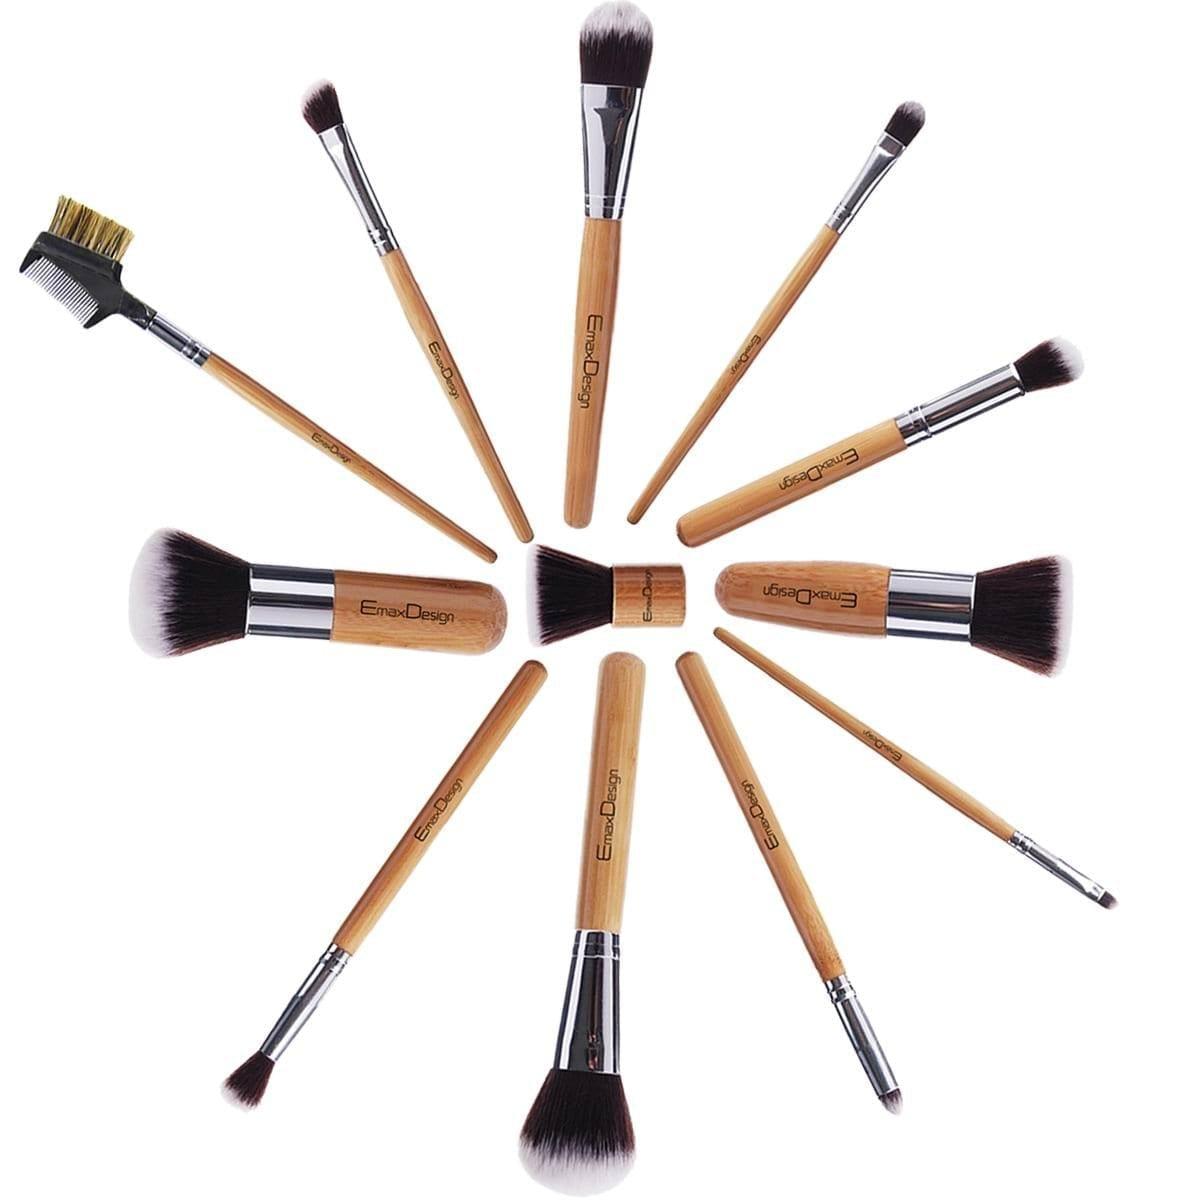 EmaxDesign Professional Makeup Brush Set